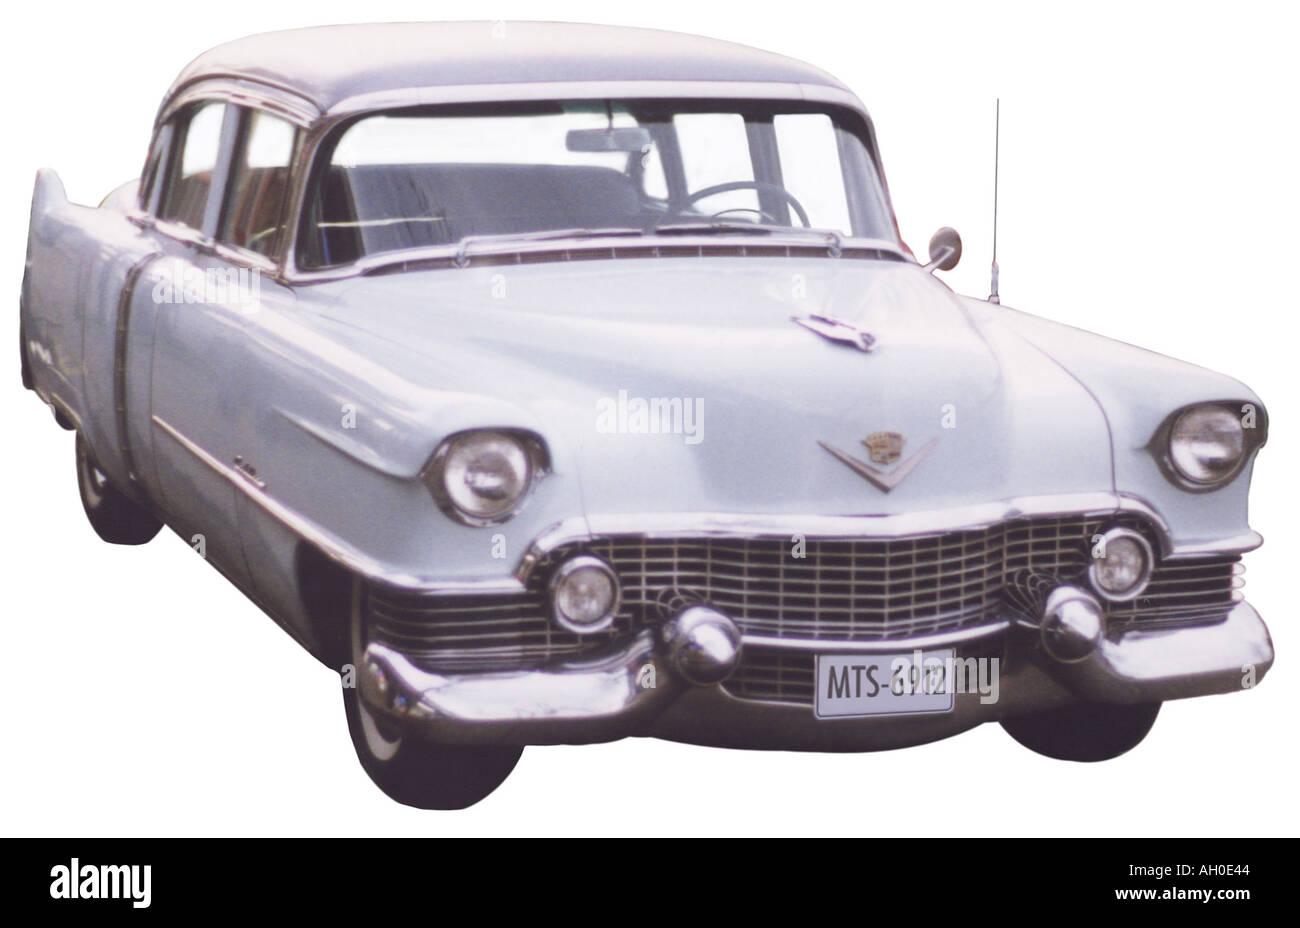 1954 Cadillac Eldorado Series 62 - Stock Image